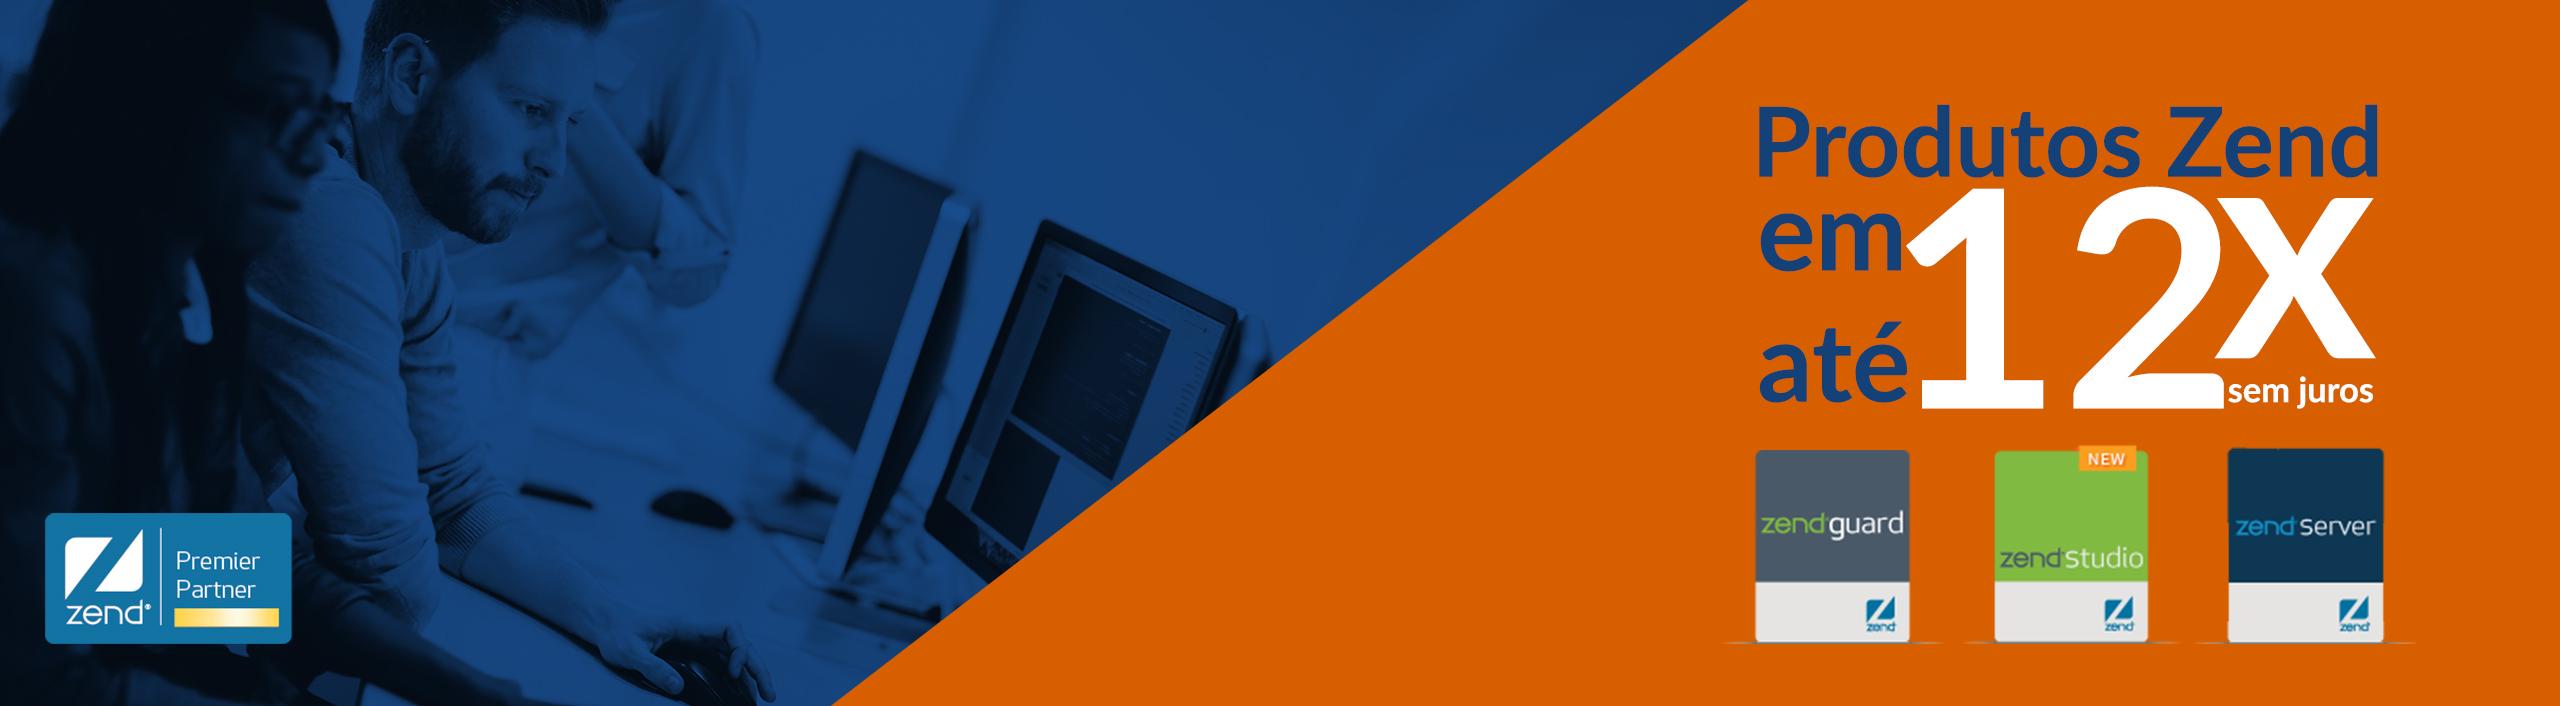 Banner_produtos_ZEND_2560X706-1